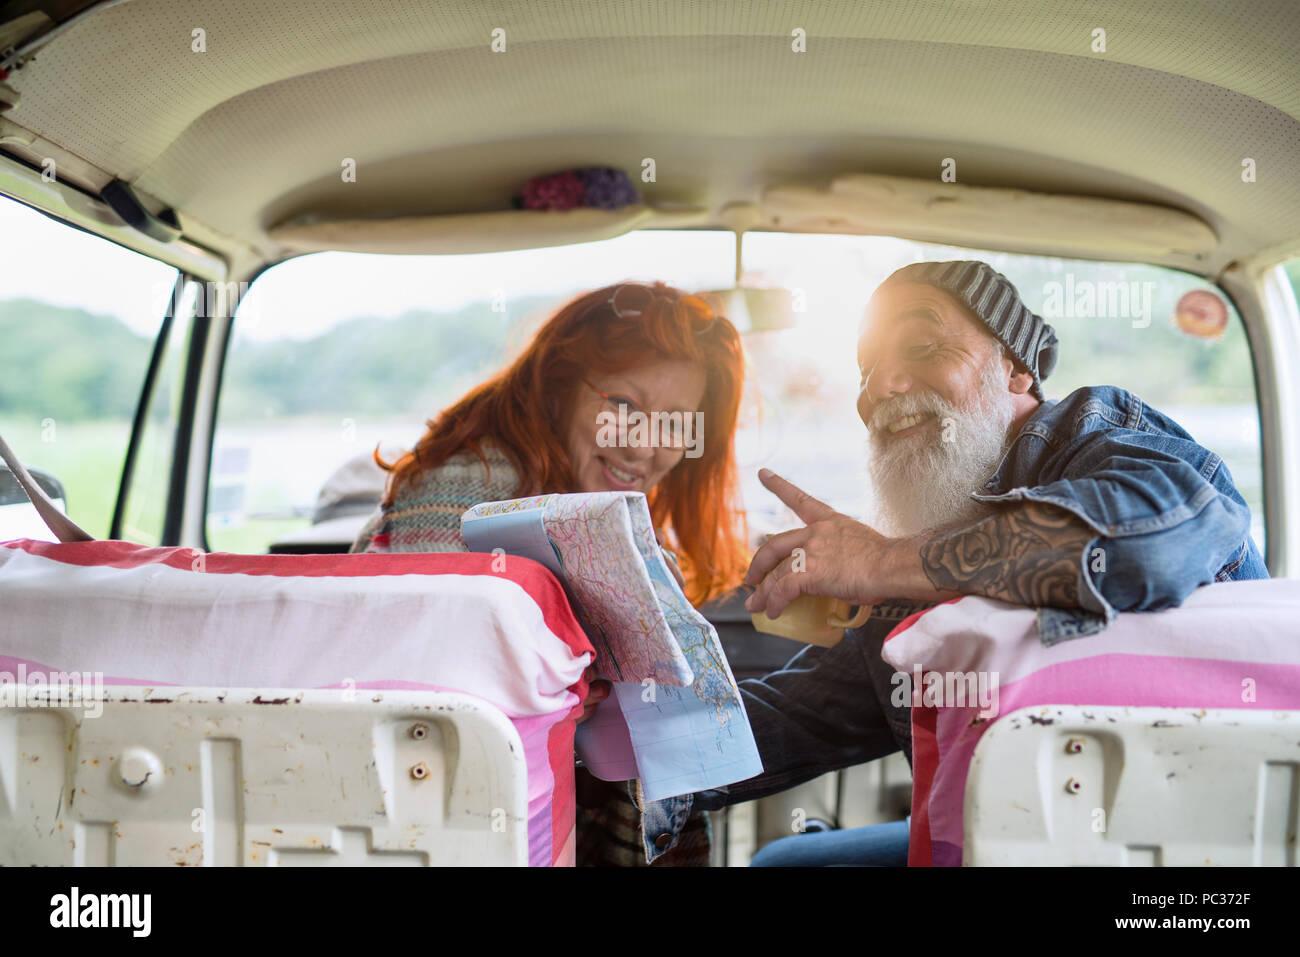 Un vecchio hipster giovane seduto in un camper, a bere caffè e guardando una mappa stradale. Egli è tatuato e indossa una barba bianca, aveva i capelli rossi Immagini Stock